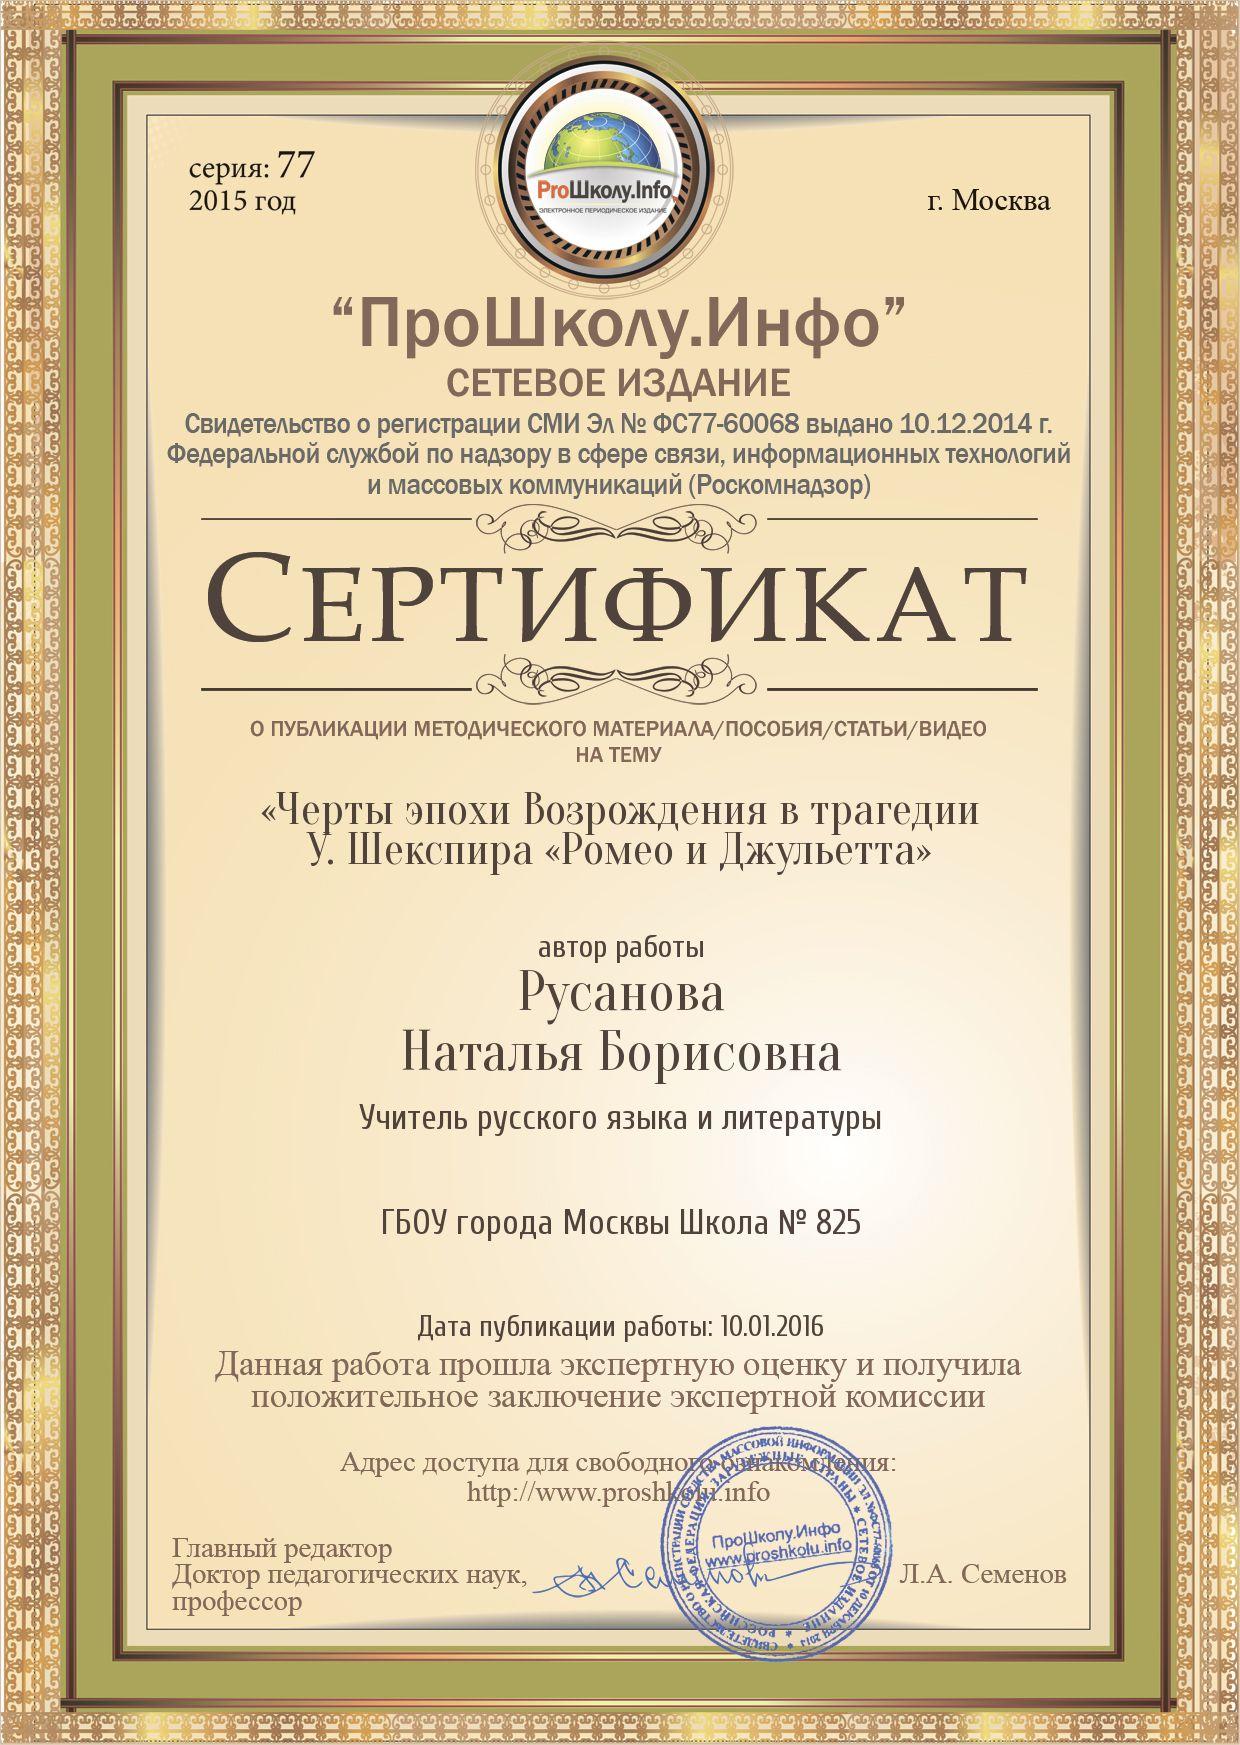 sertifikat-o-publikacii